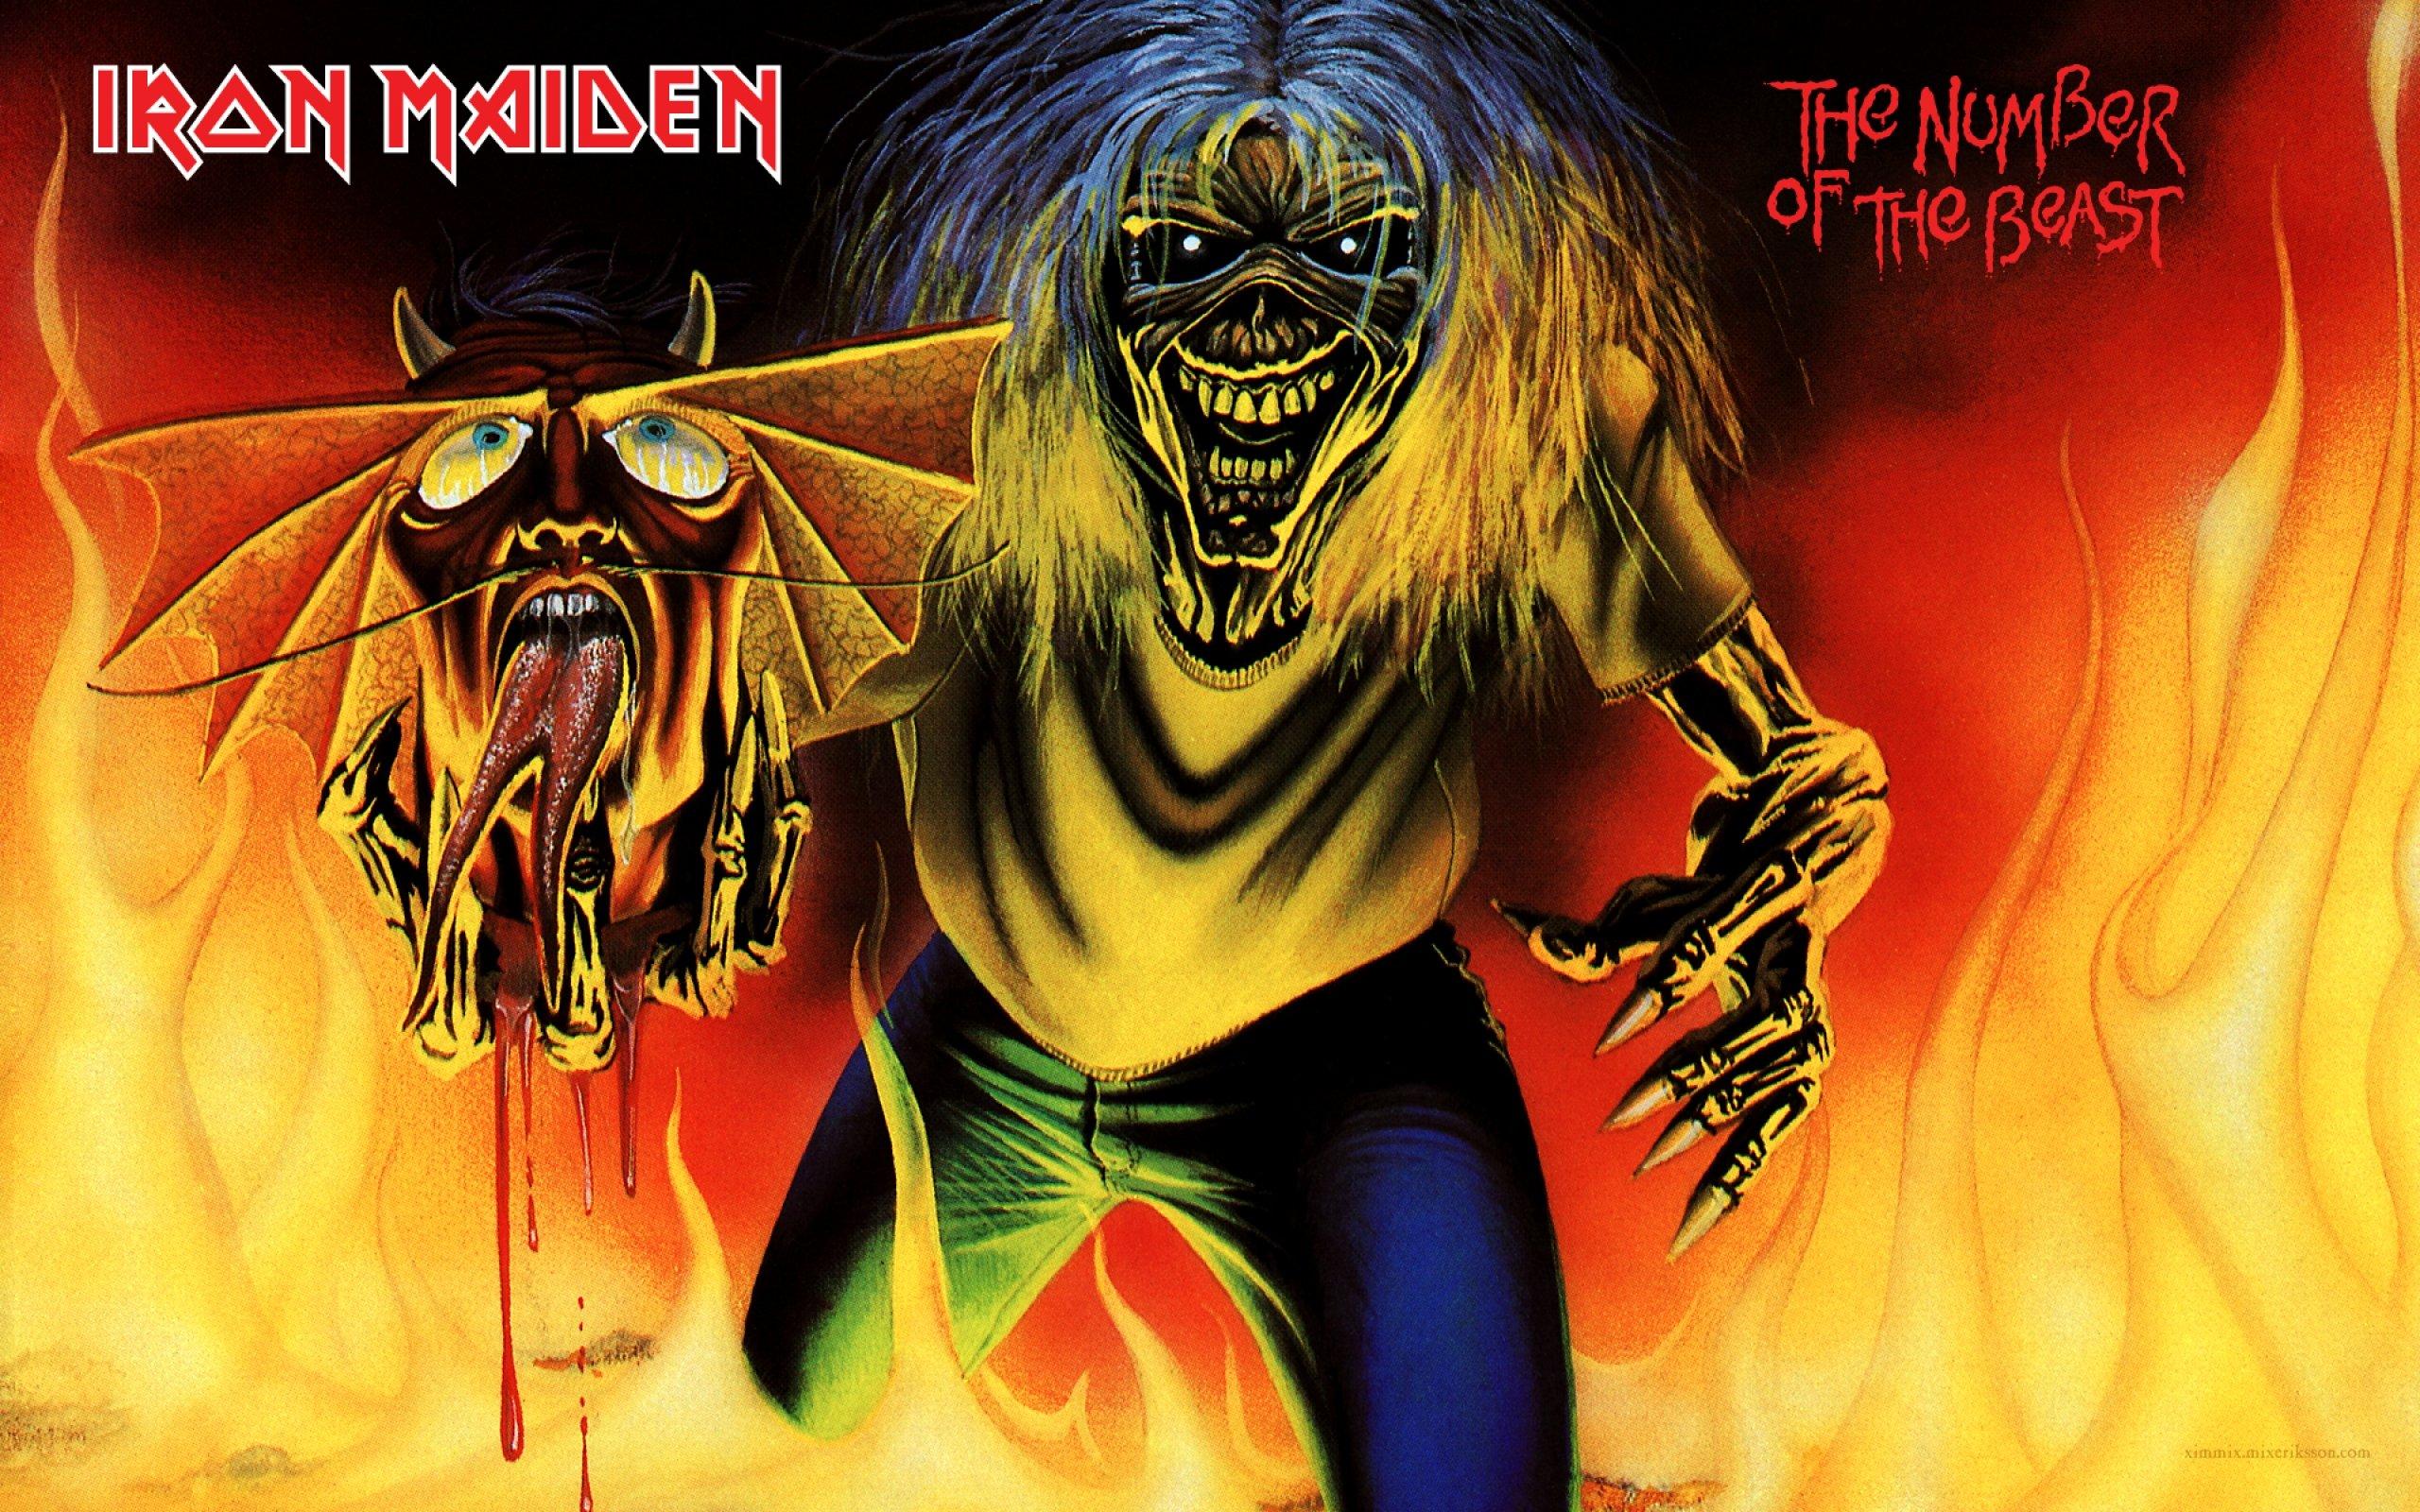 Wallpaper : 2560x1600 px, artwork, dark, Eddie, evil ...